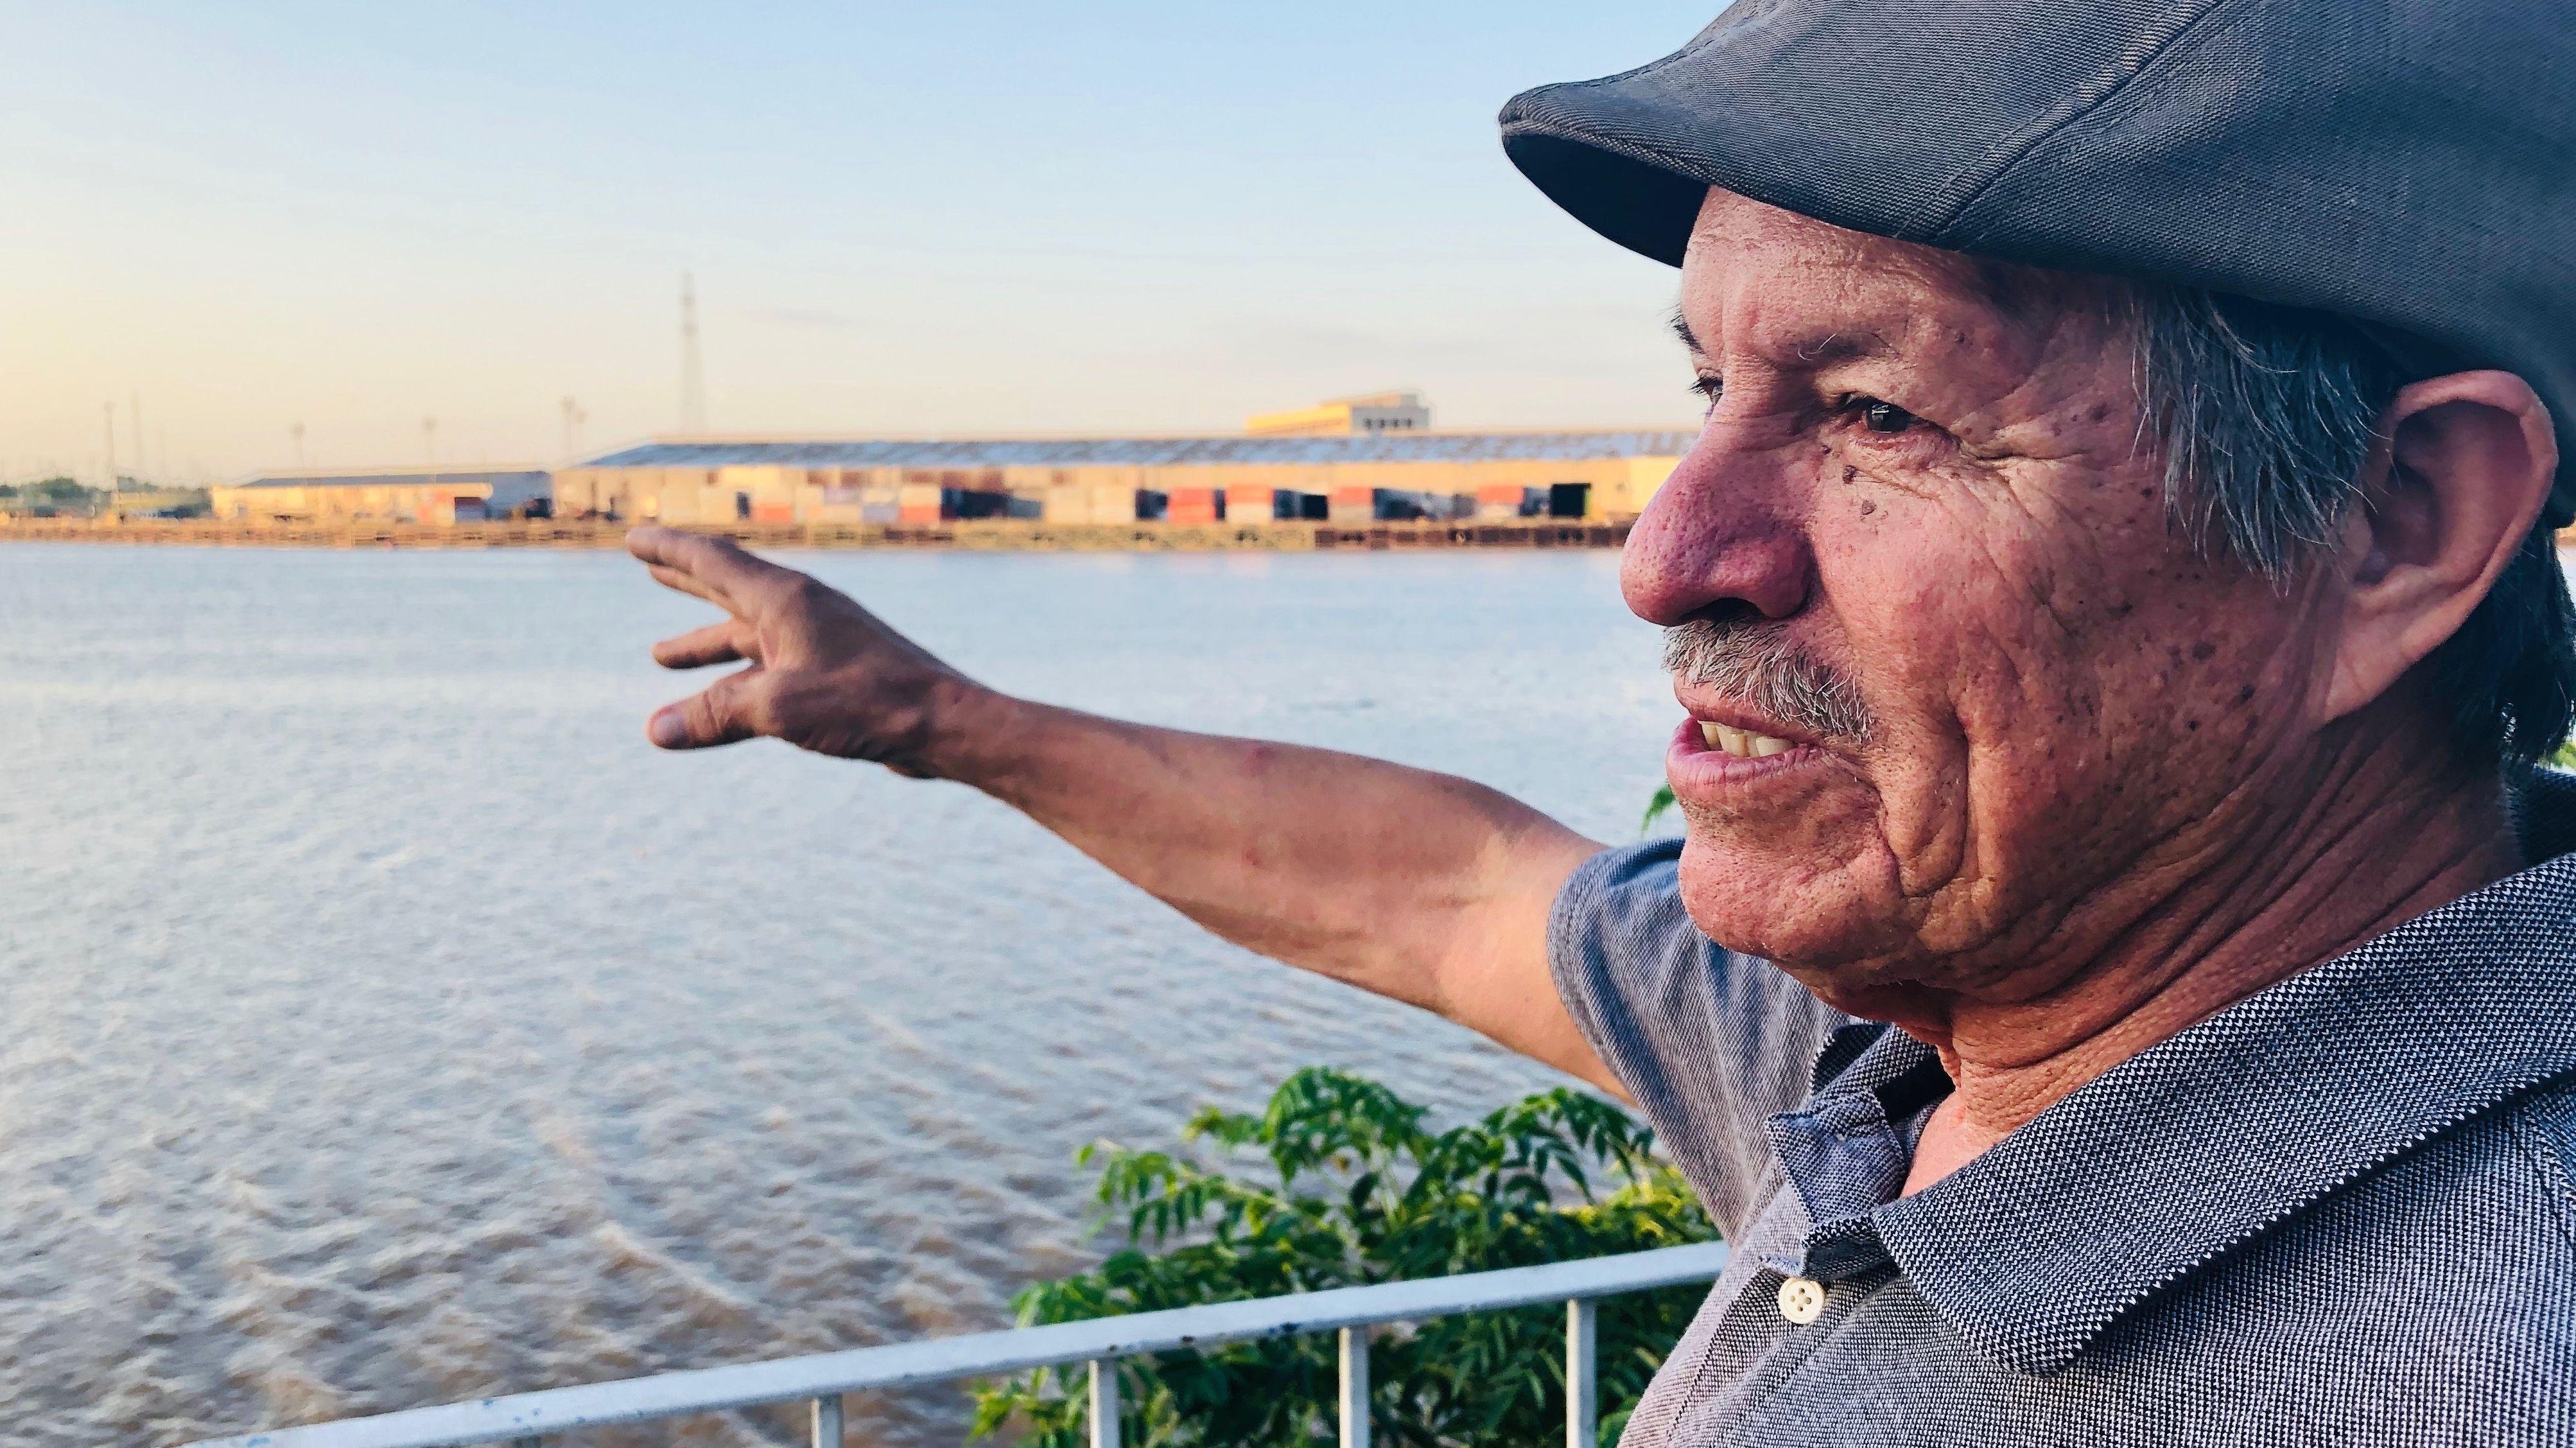 Umweltschützer Juan Parras von T.E.J.A.S. zeigt auf die Industrielandschaft am Buffalo Bayou Fluss.